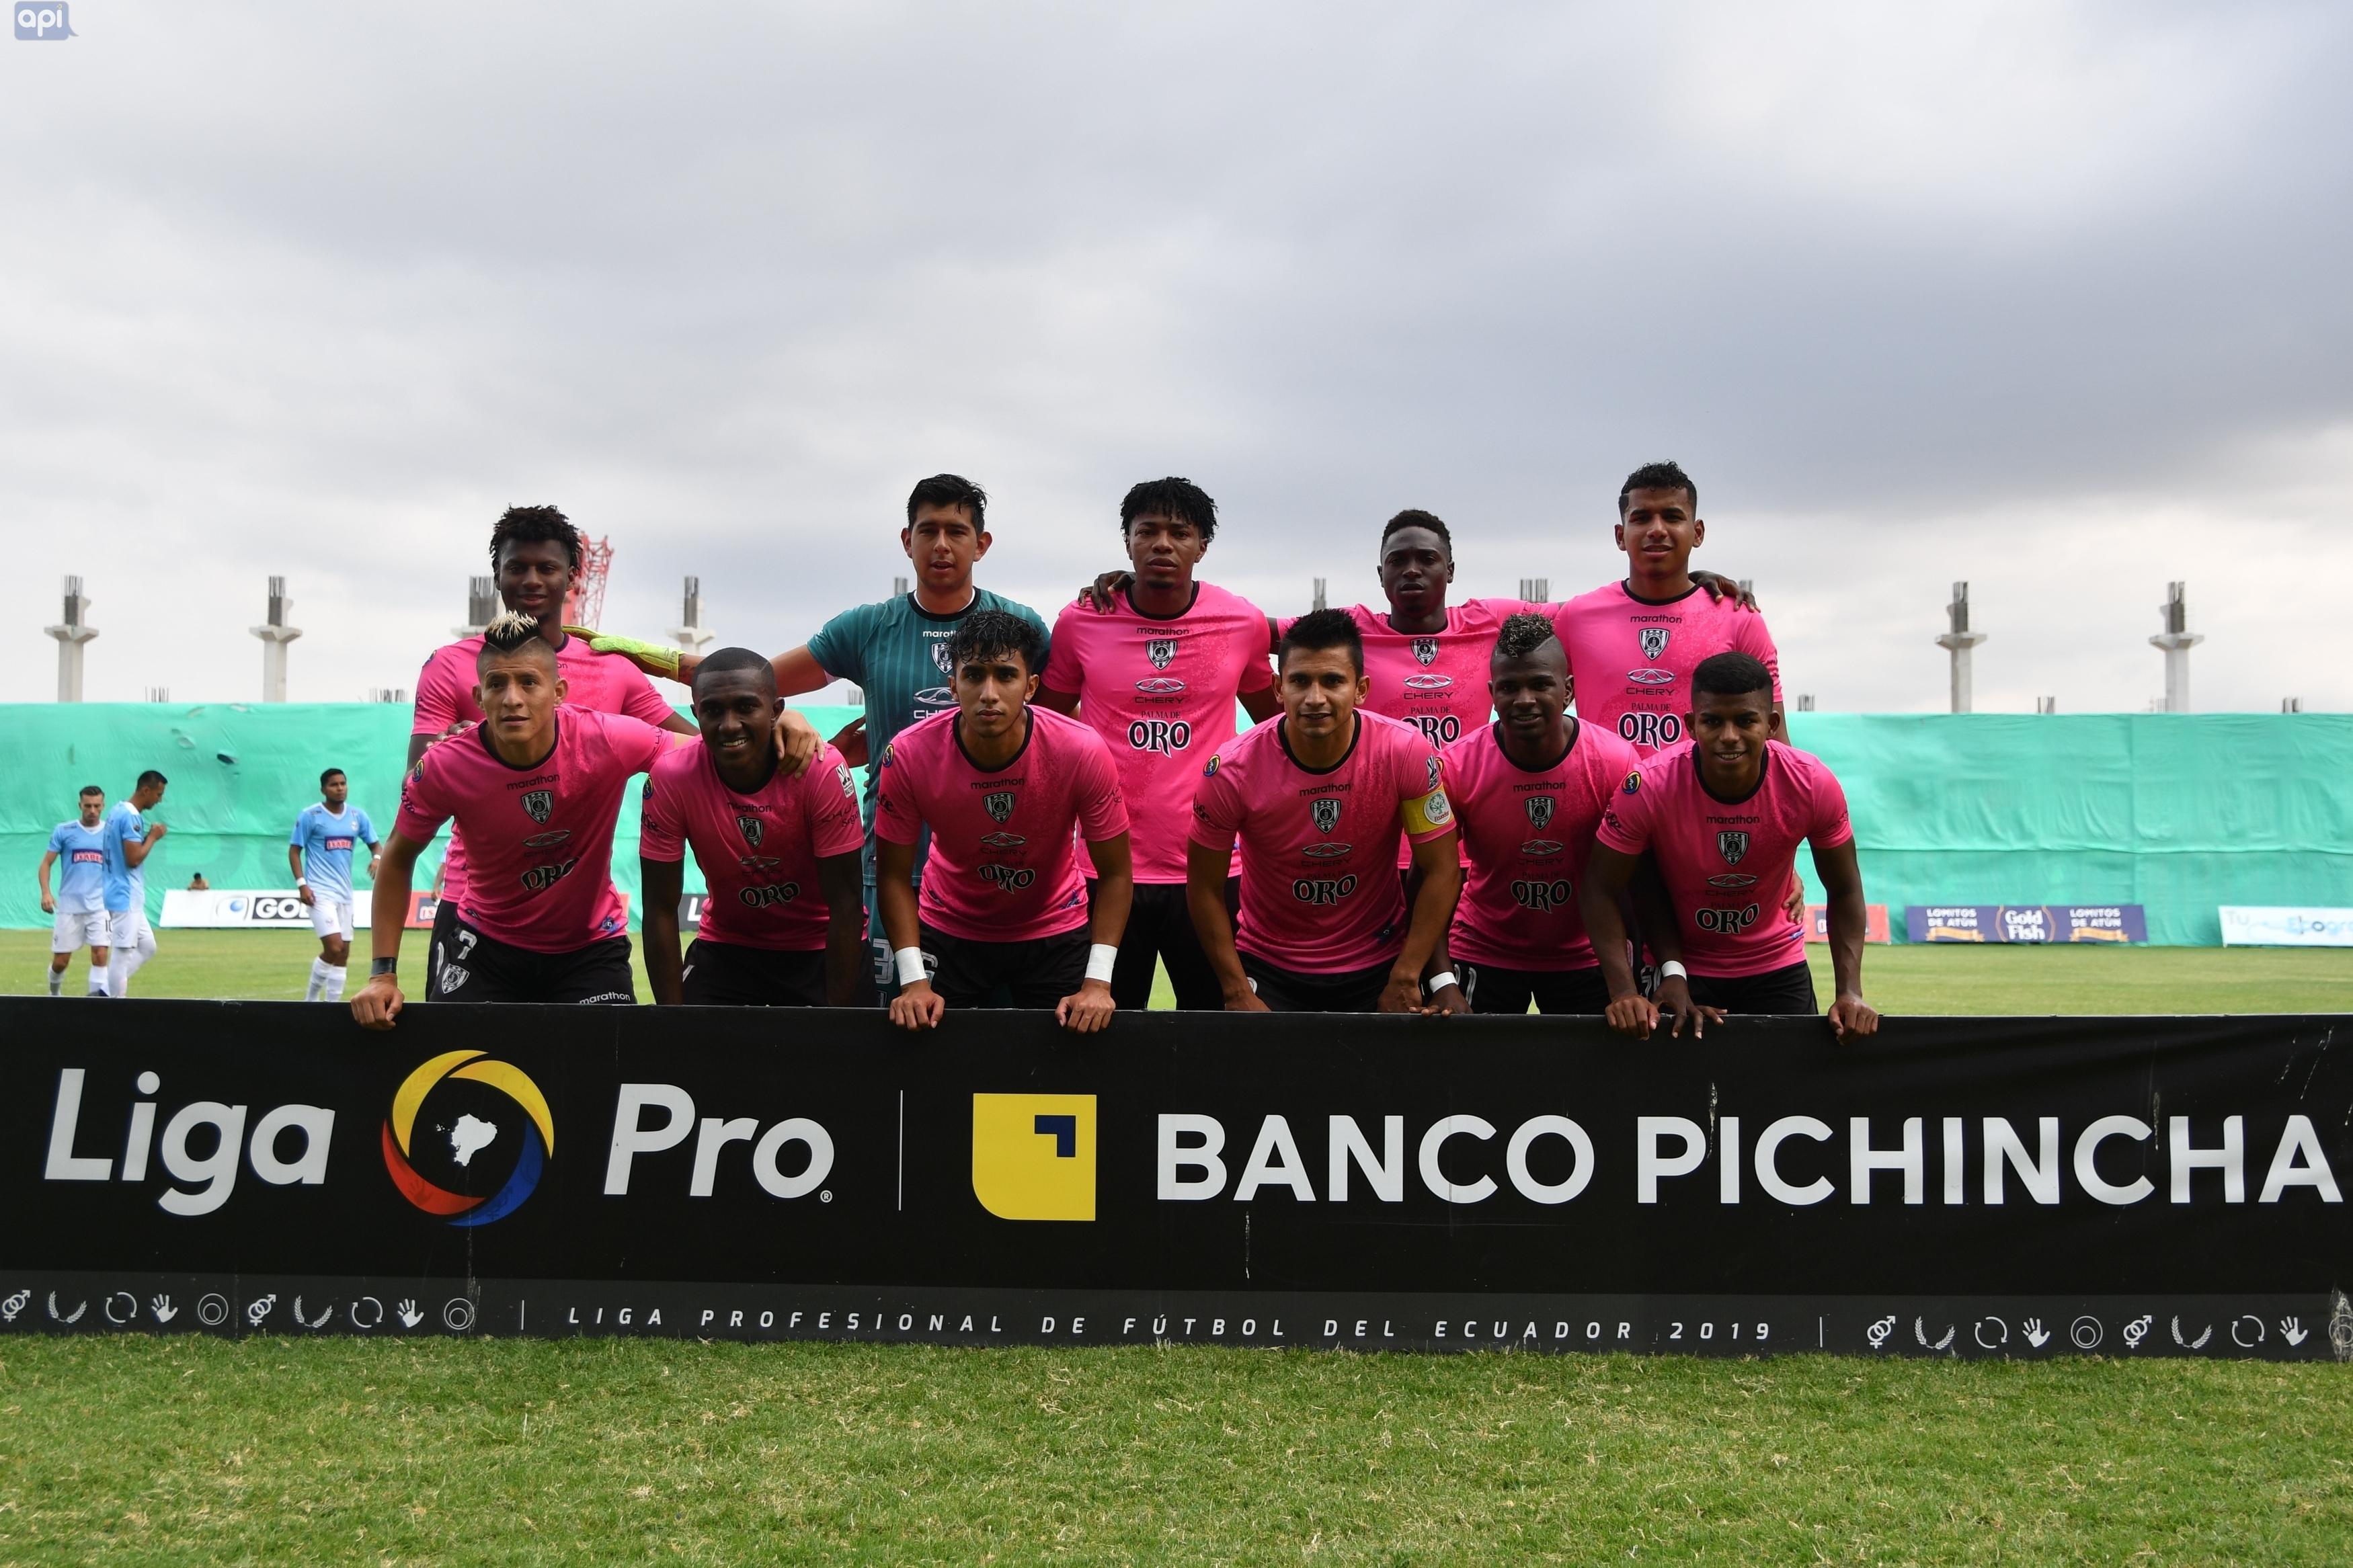 La Asociación de Fútbol de Cotopaxi anuncia medidas contra Independiente Juniors en caso de no rever su posición en torno al no ascenso